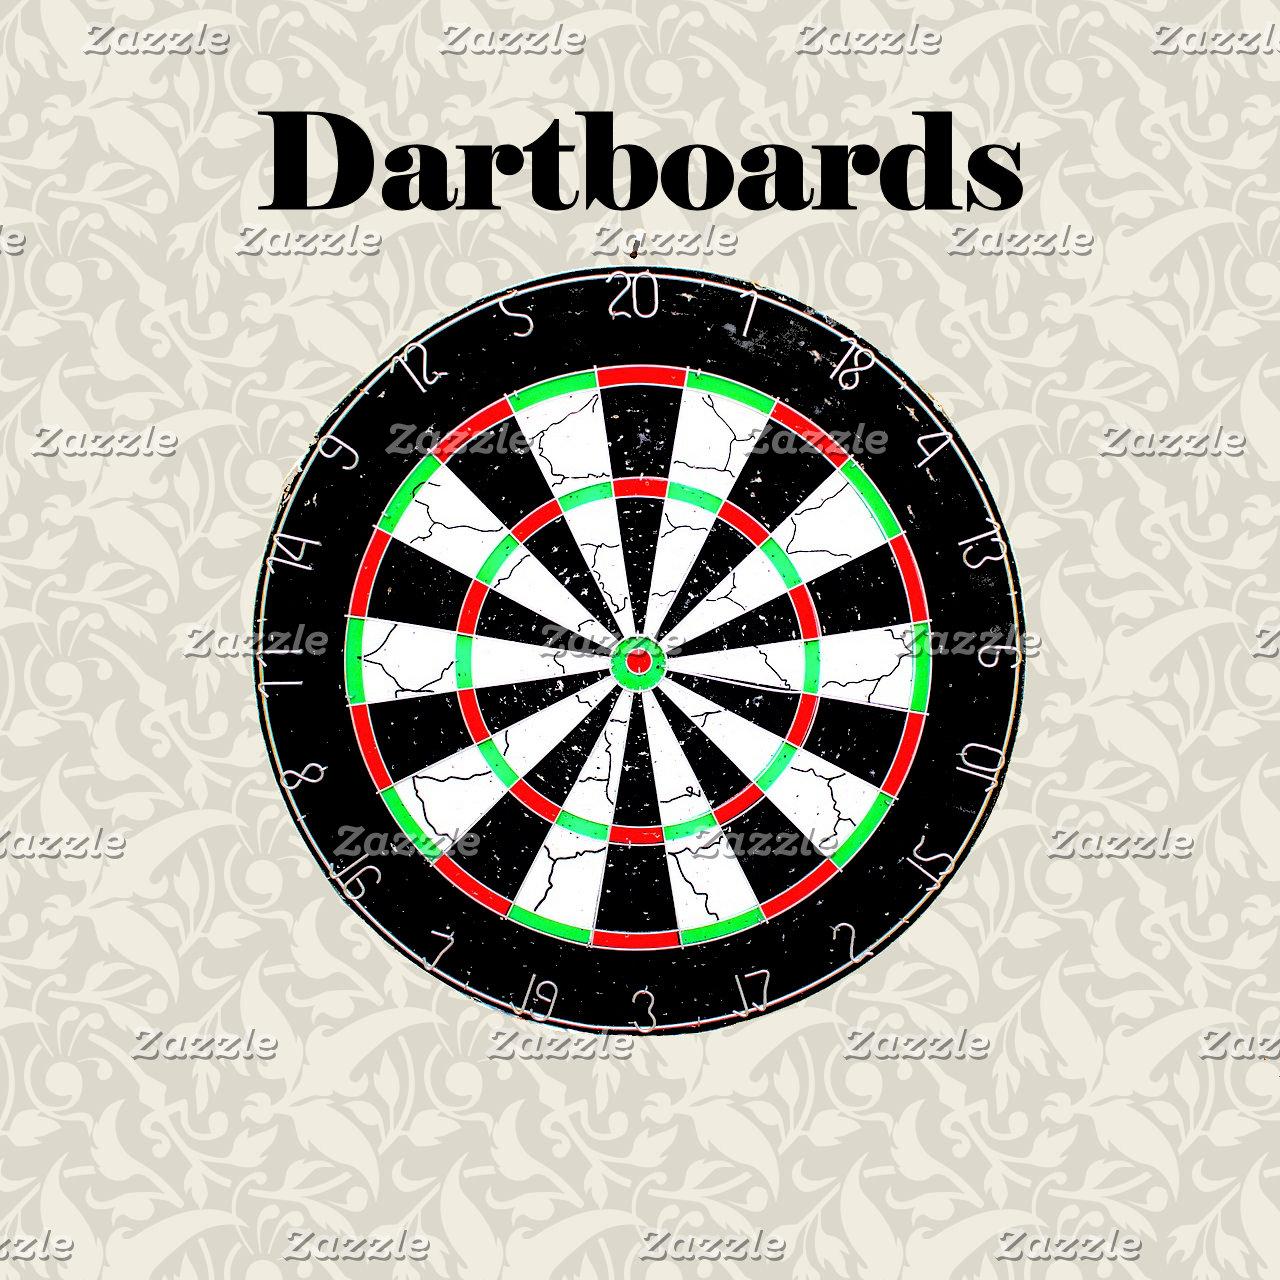 Gaming~Dartboards